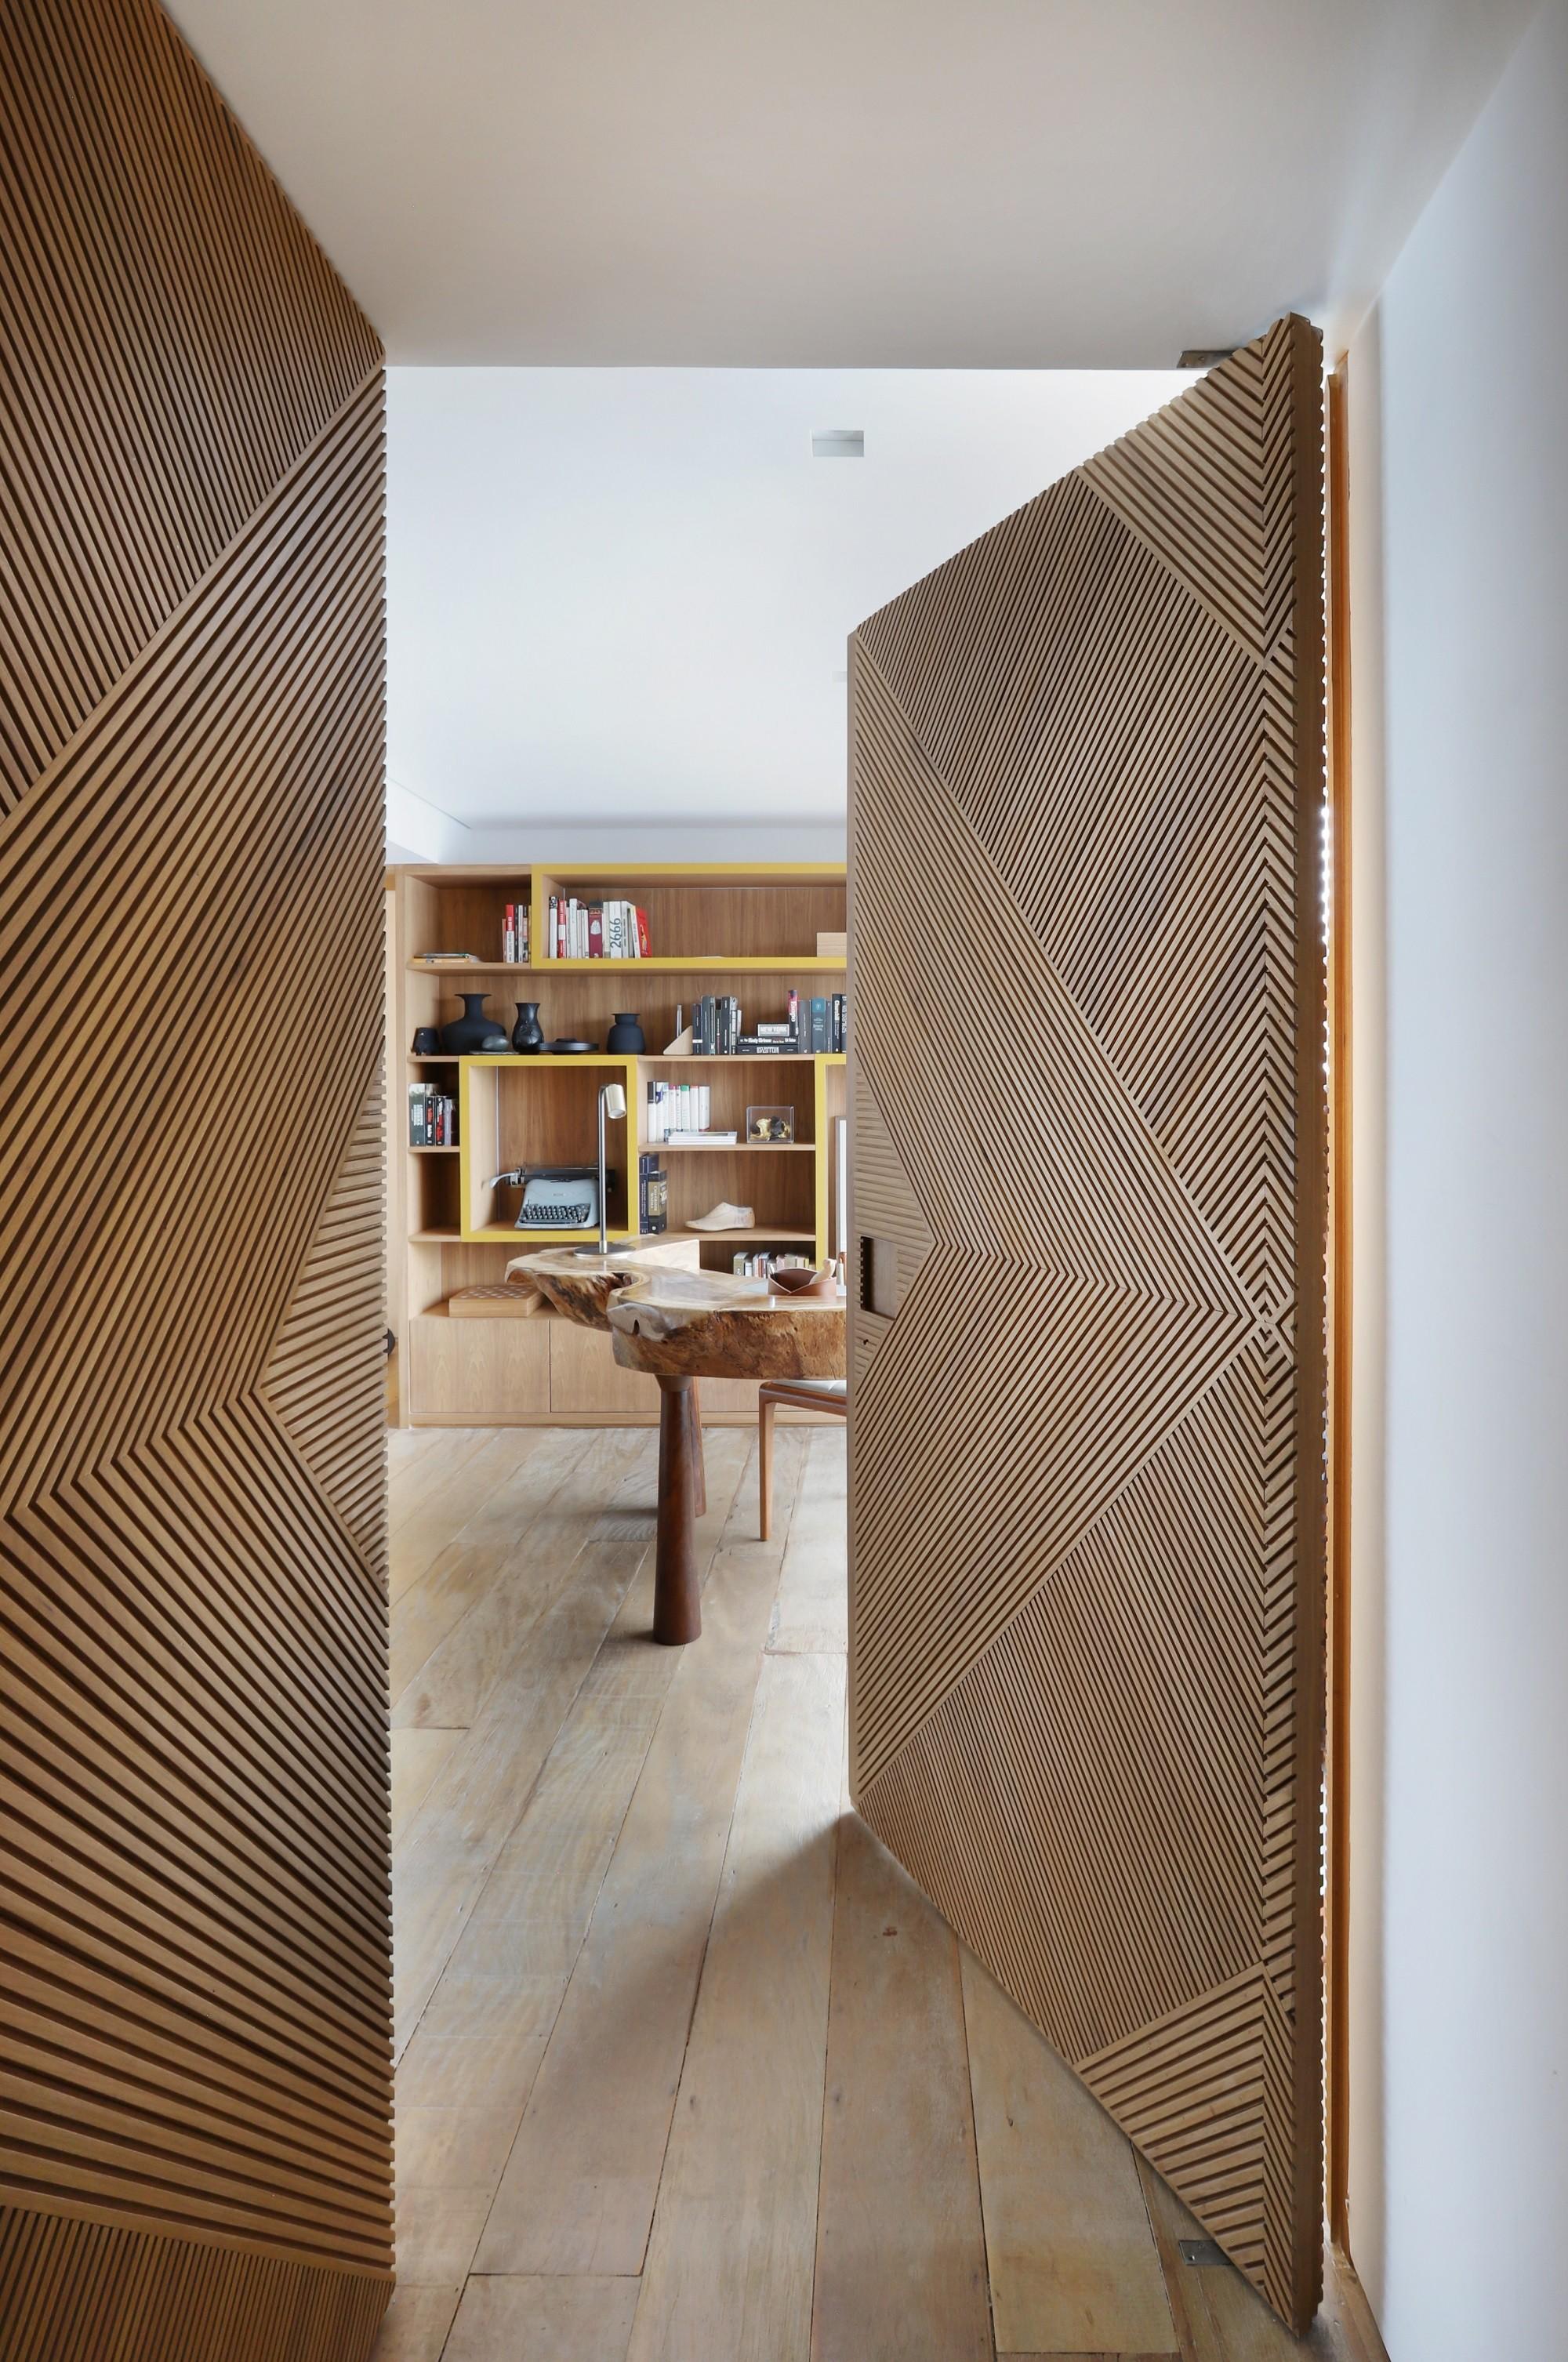 23 projetos incríveis com portas mimetizadas (Foto: Mariana Orsi/Divulgação)